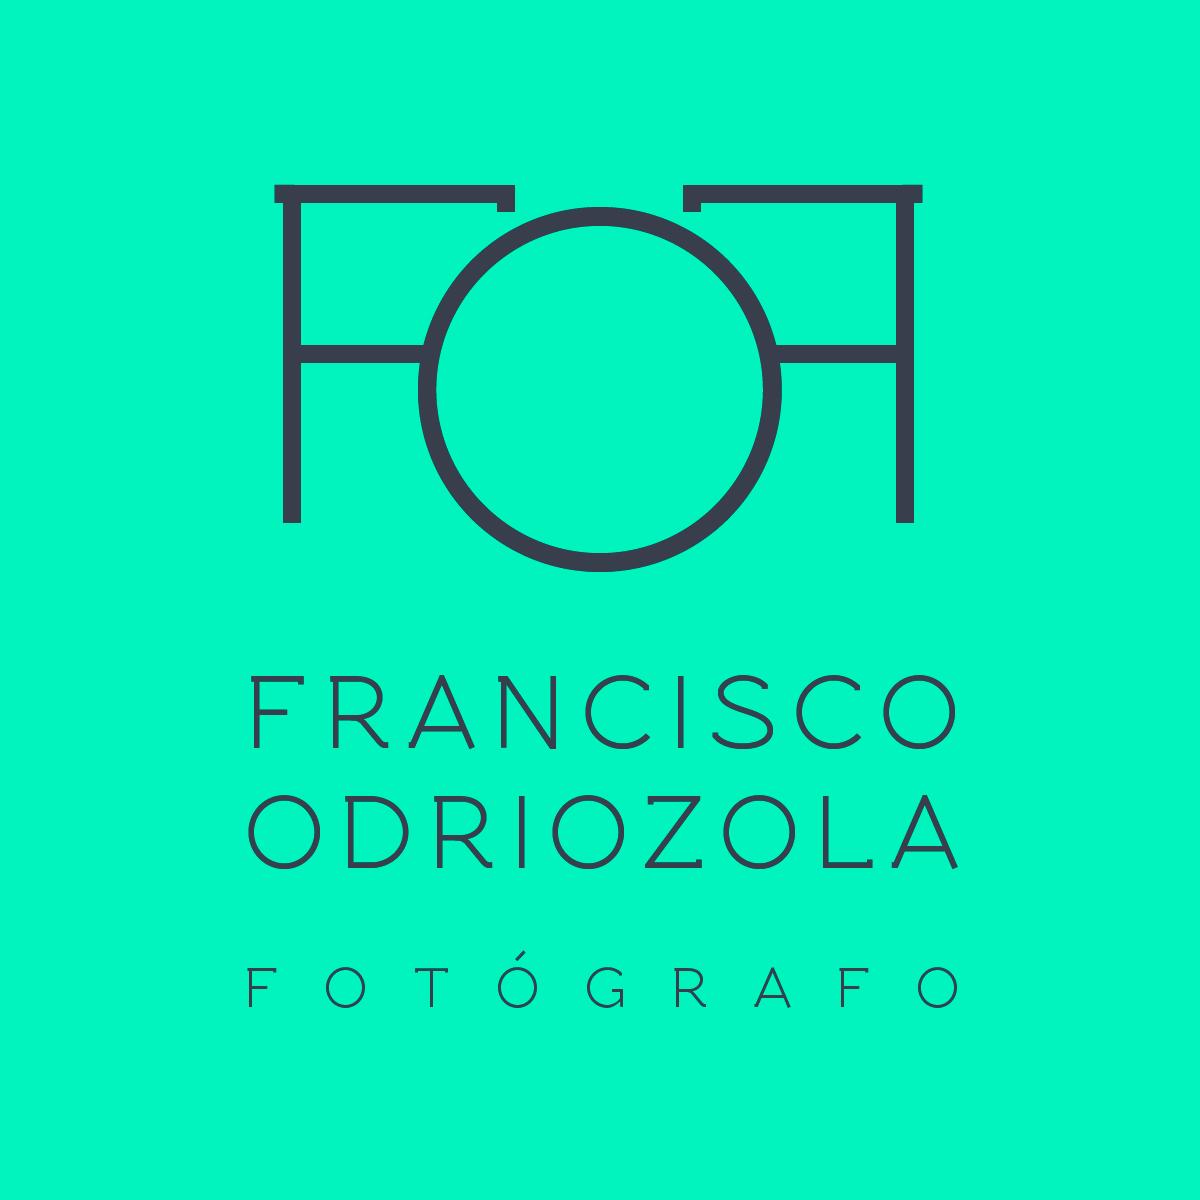 Francisco Odriozola - Fotógrafo